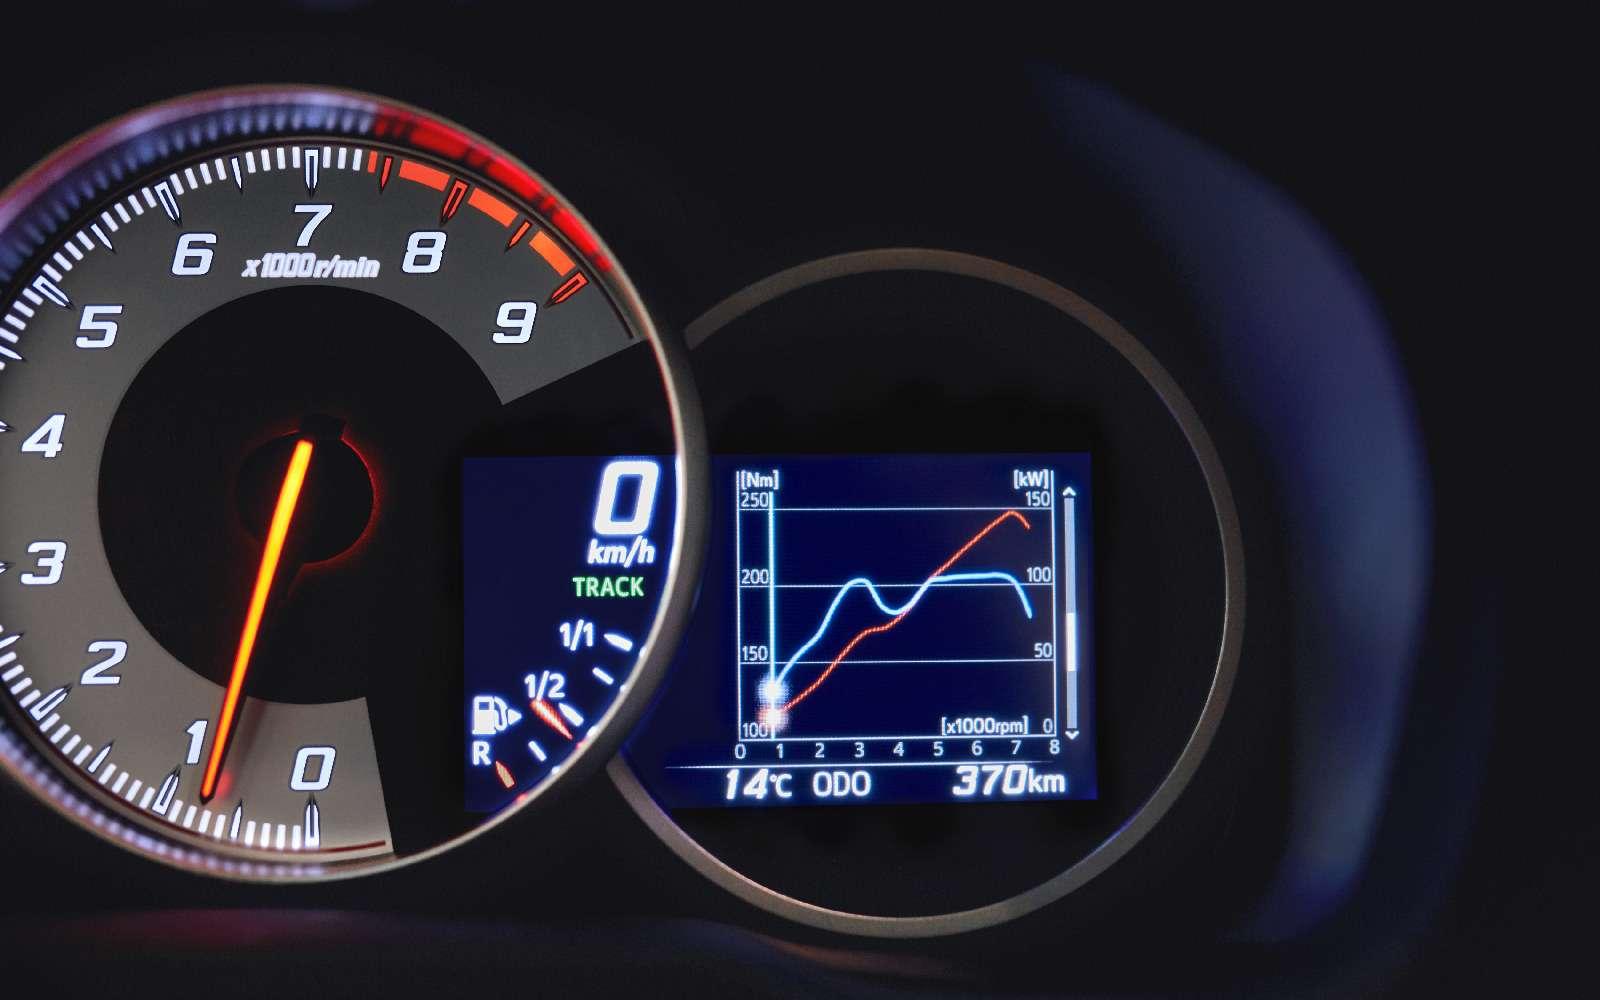 Toyota GT86 получила обновленное шасси итрековый режим— фото 692300